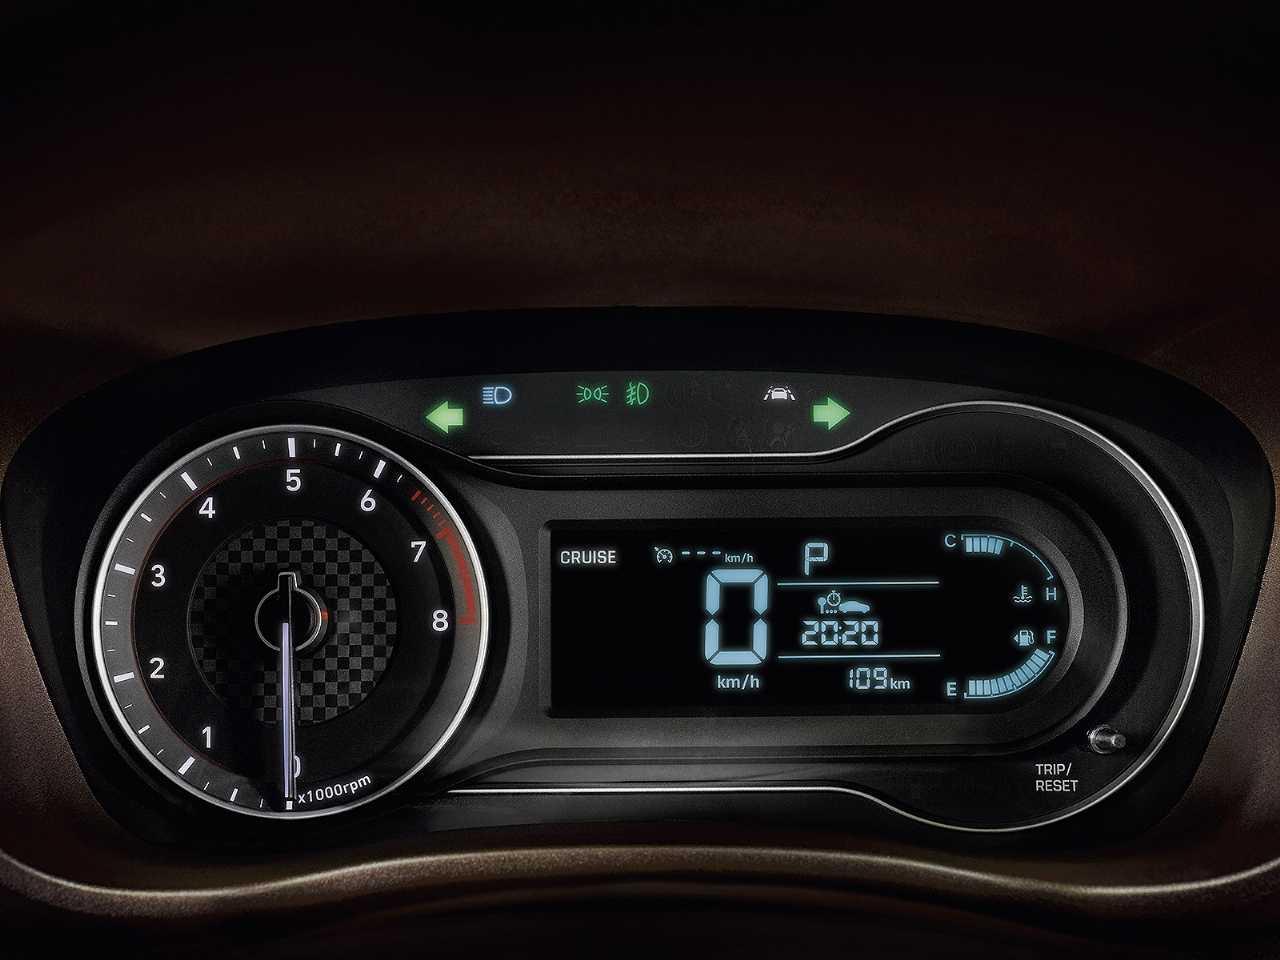 HyundaiHB20 2020 - painel de instrumentos